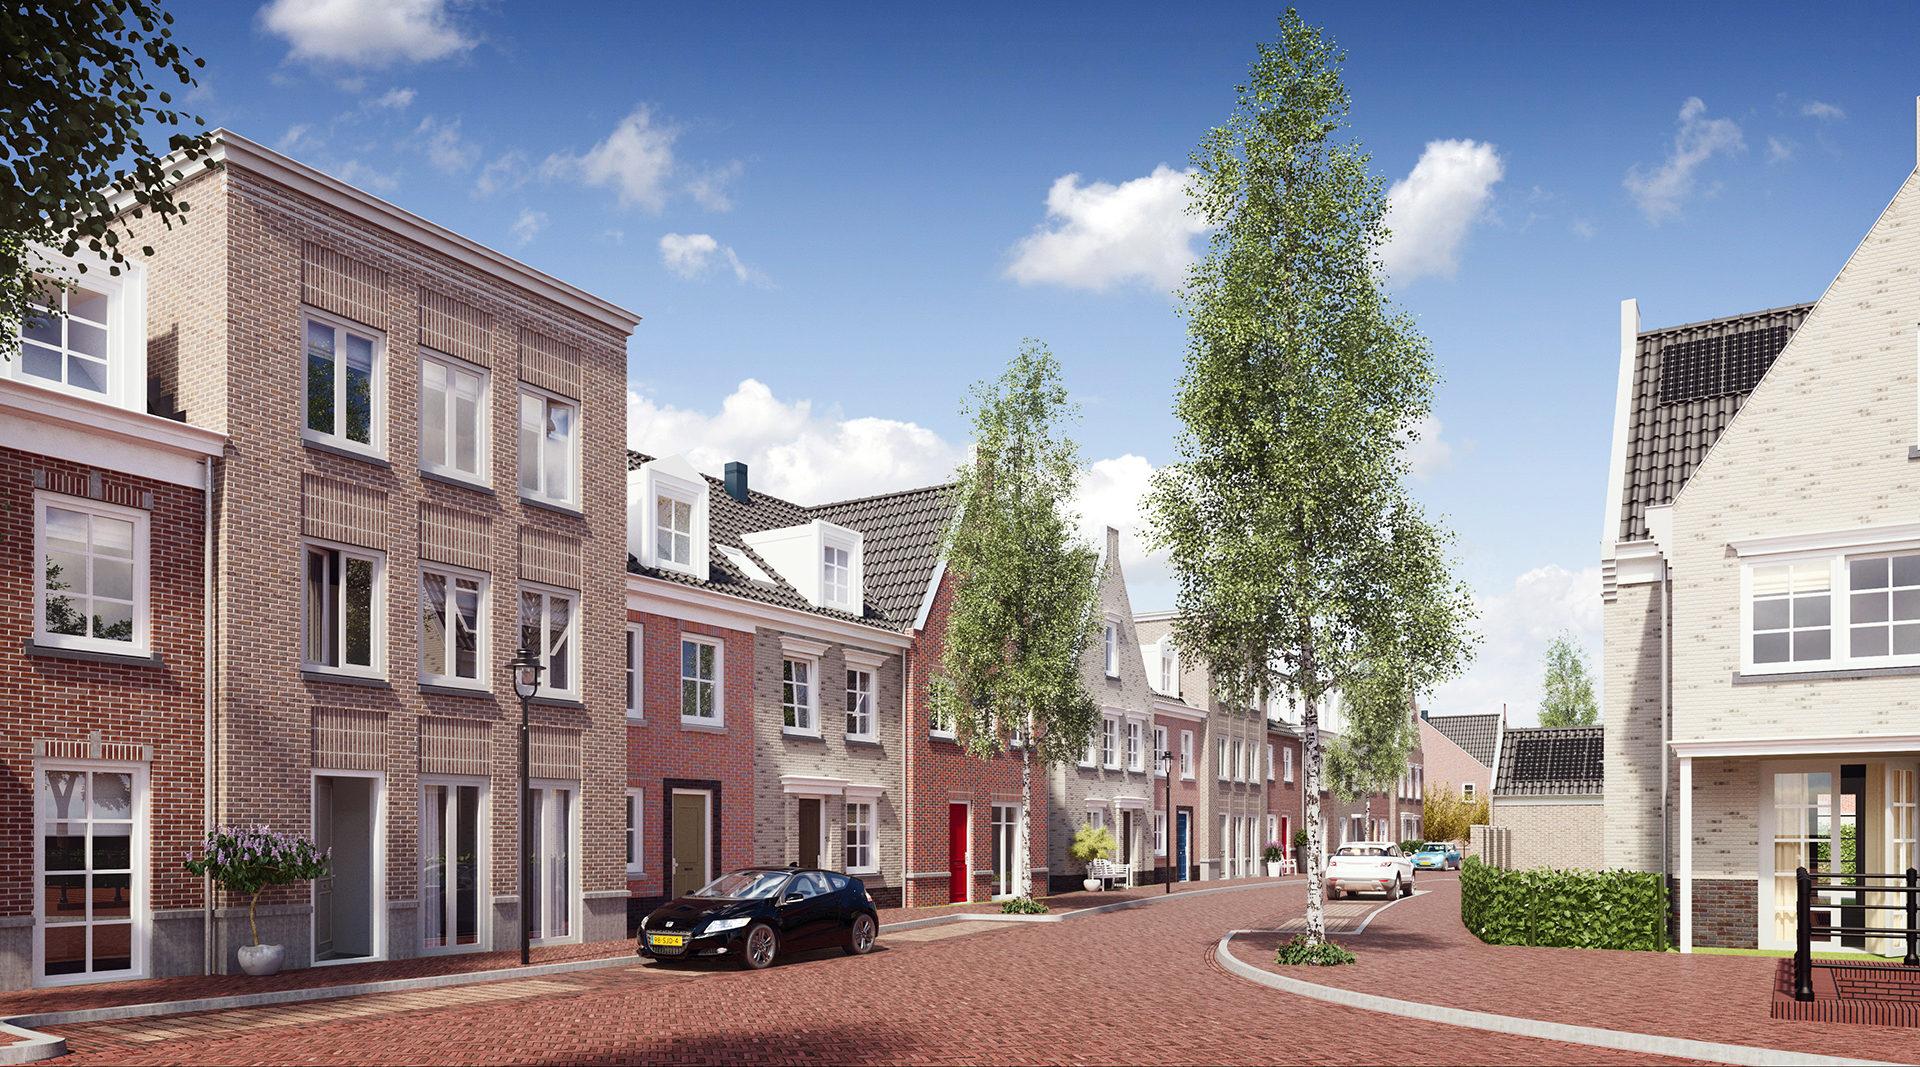 thu038_1-thunnissen-losplaatskade-noordwijk_fr02